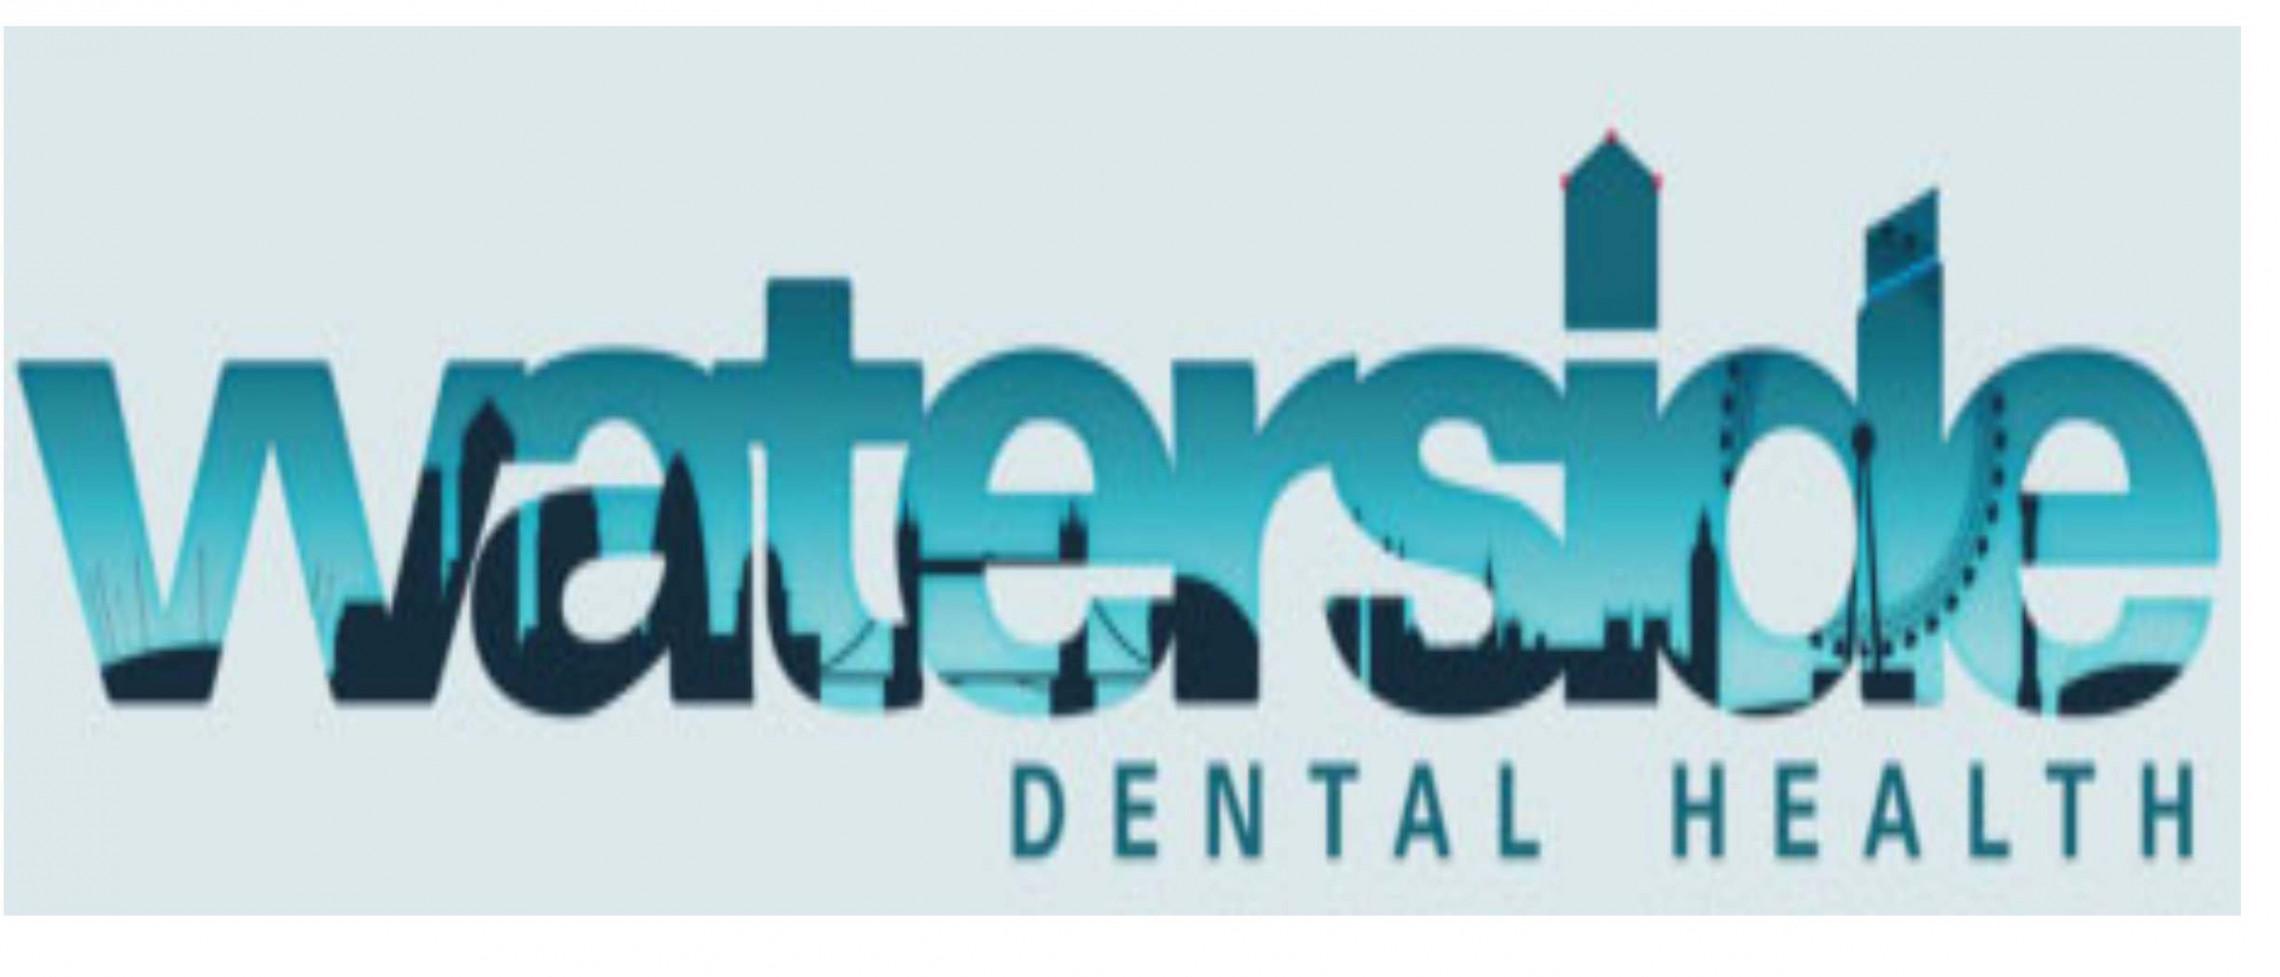 Waterside Dental Health